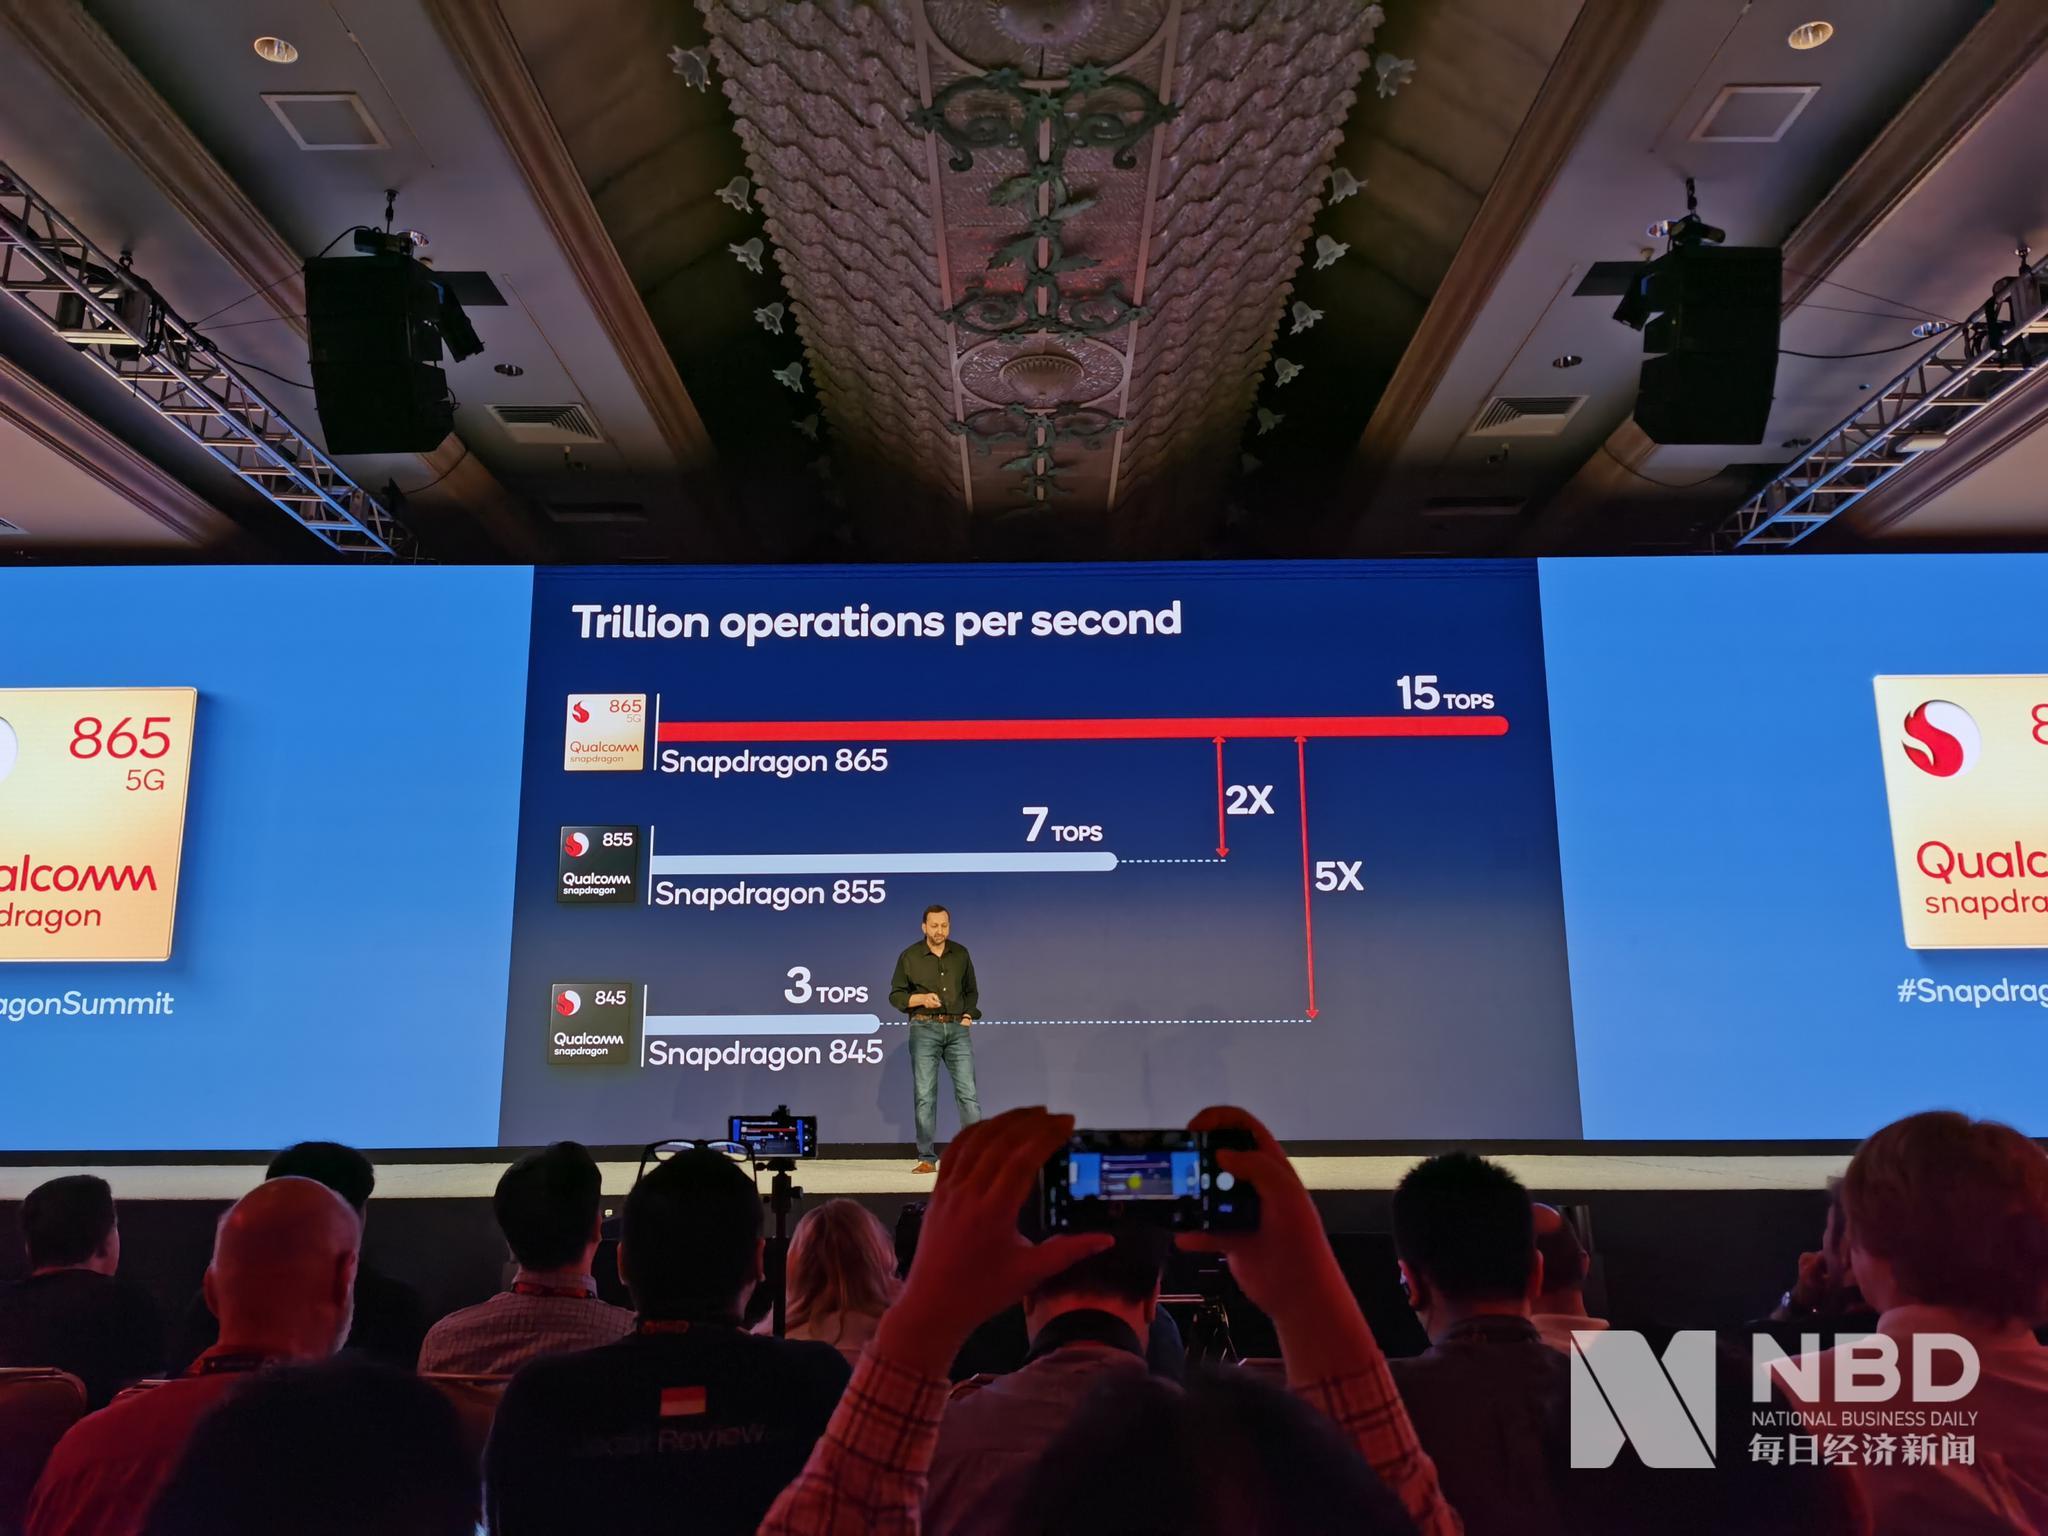 高通华为5G芯片技术路线分化  小